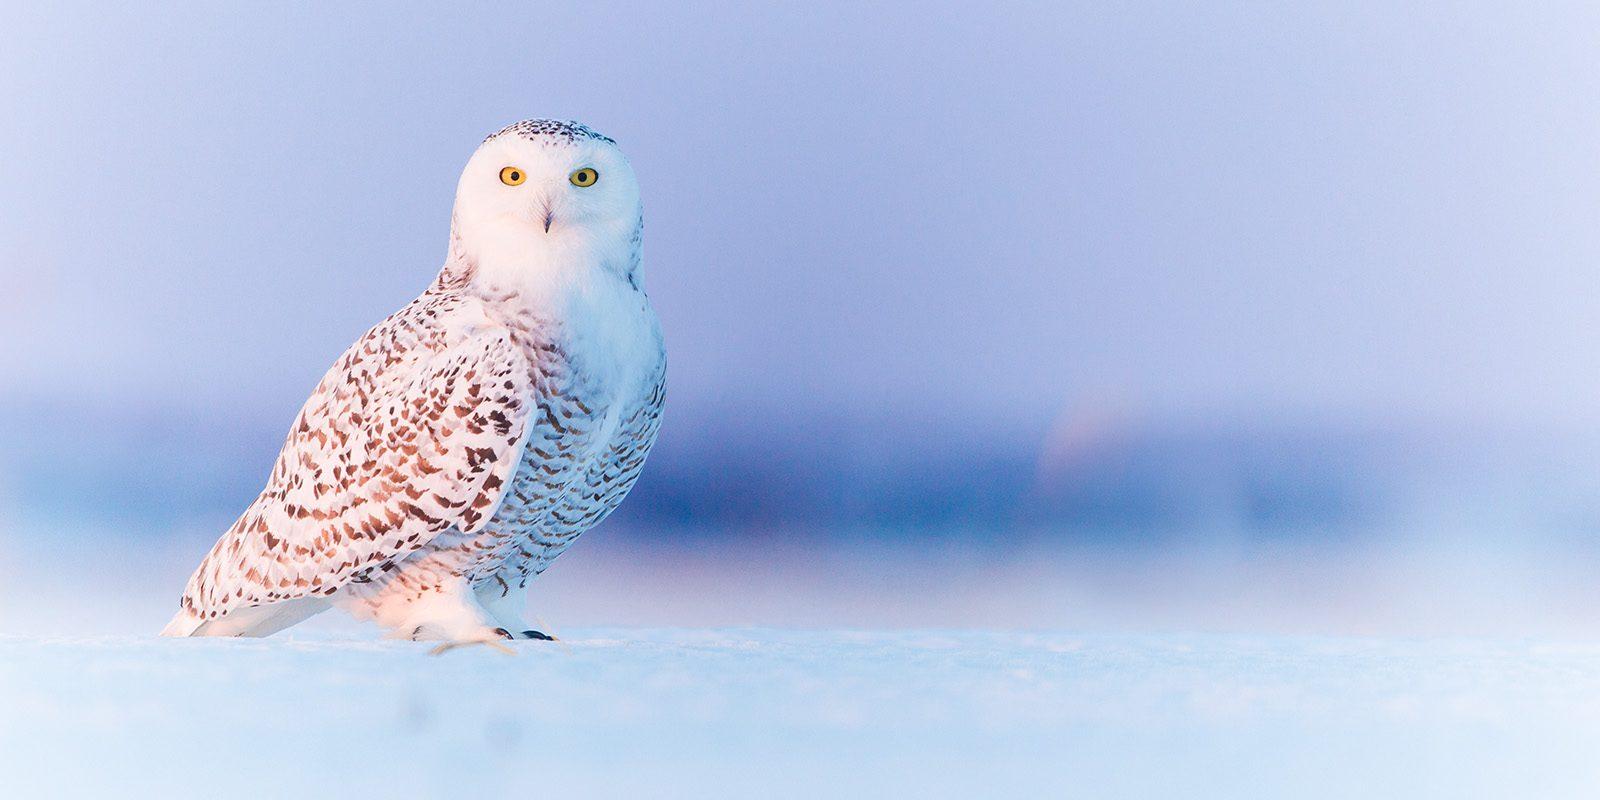 Snøugle av Kjell Erik Moseid